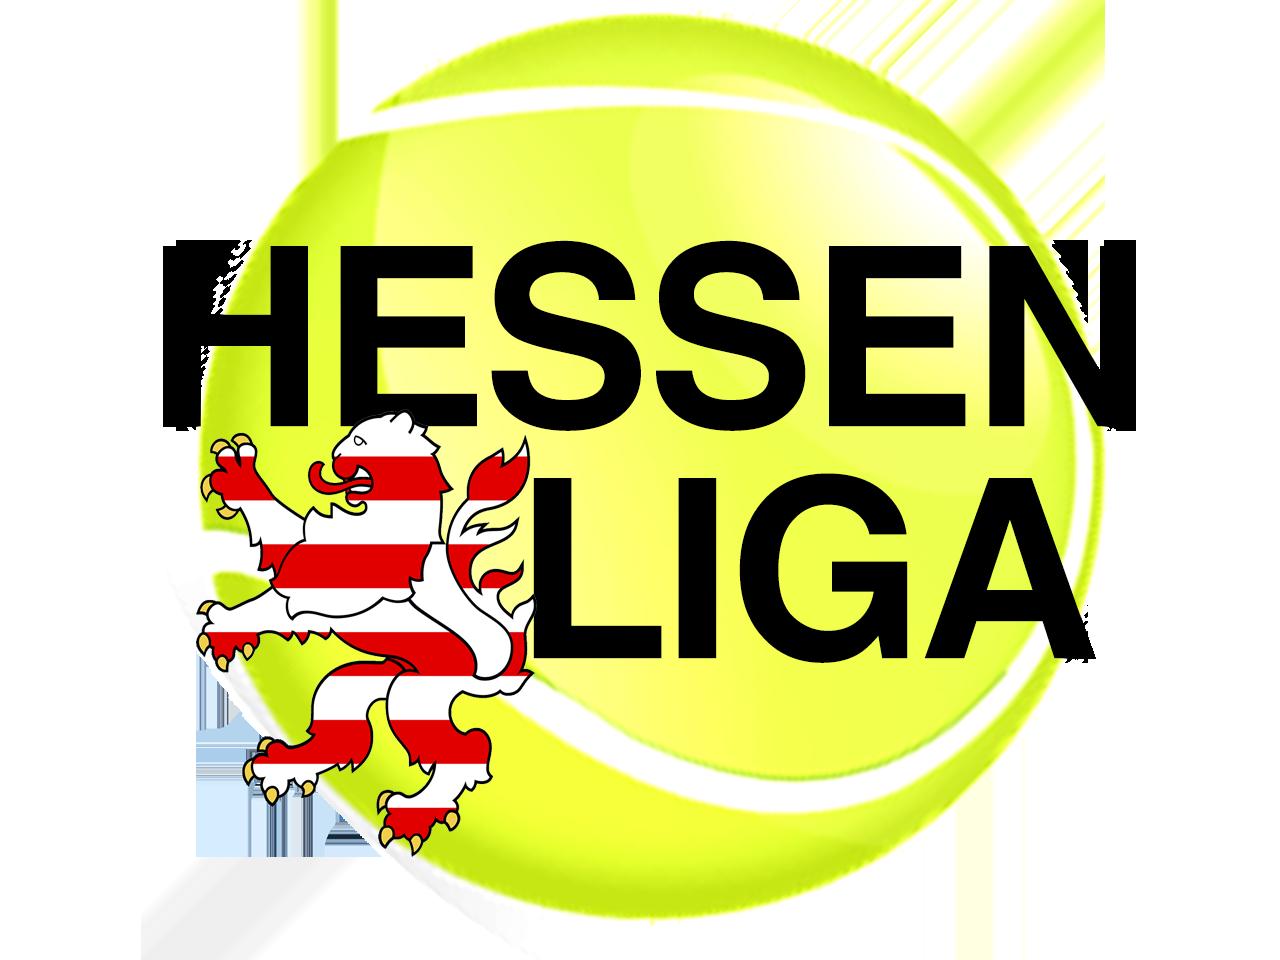 Hessenliga-Logo-UTHC